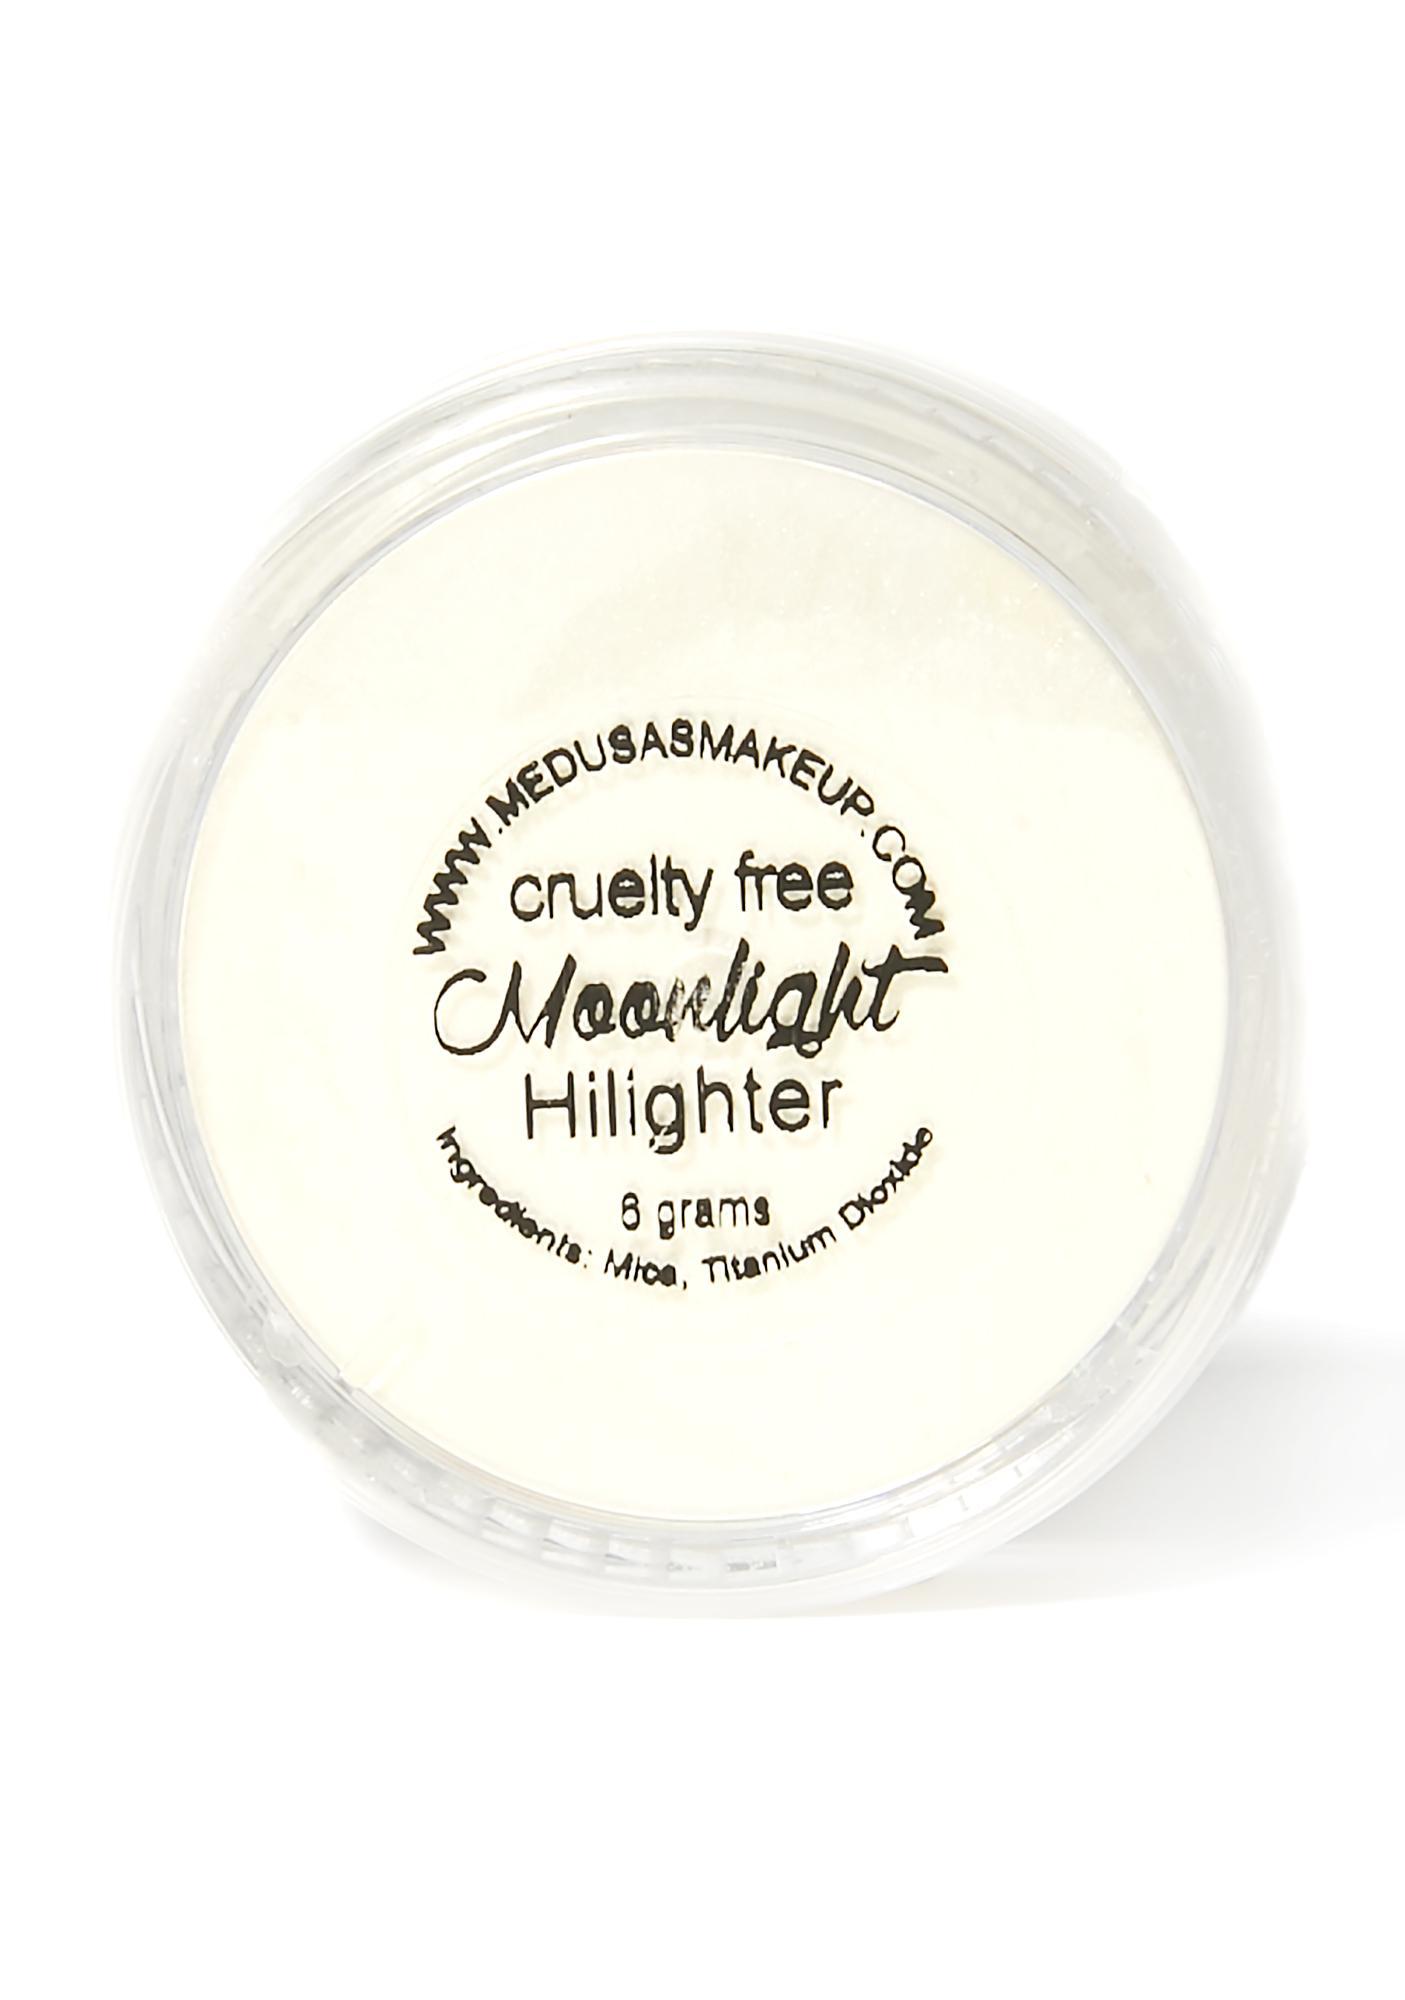 Medusa S Makeup Moonlight Powder Highlighter Dolls Kill